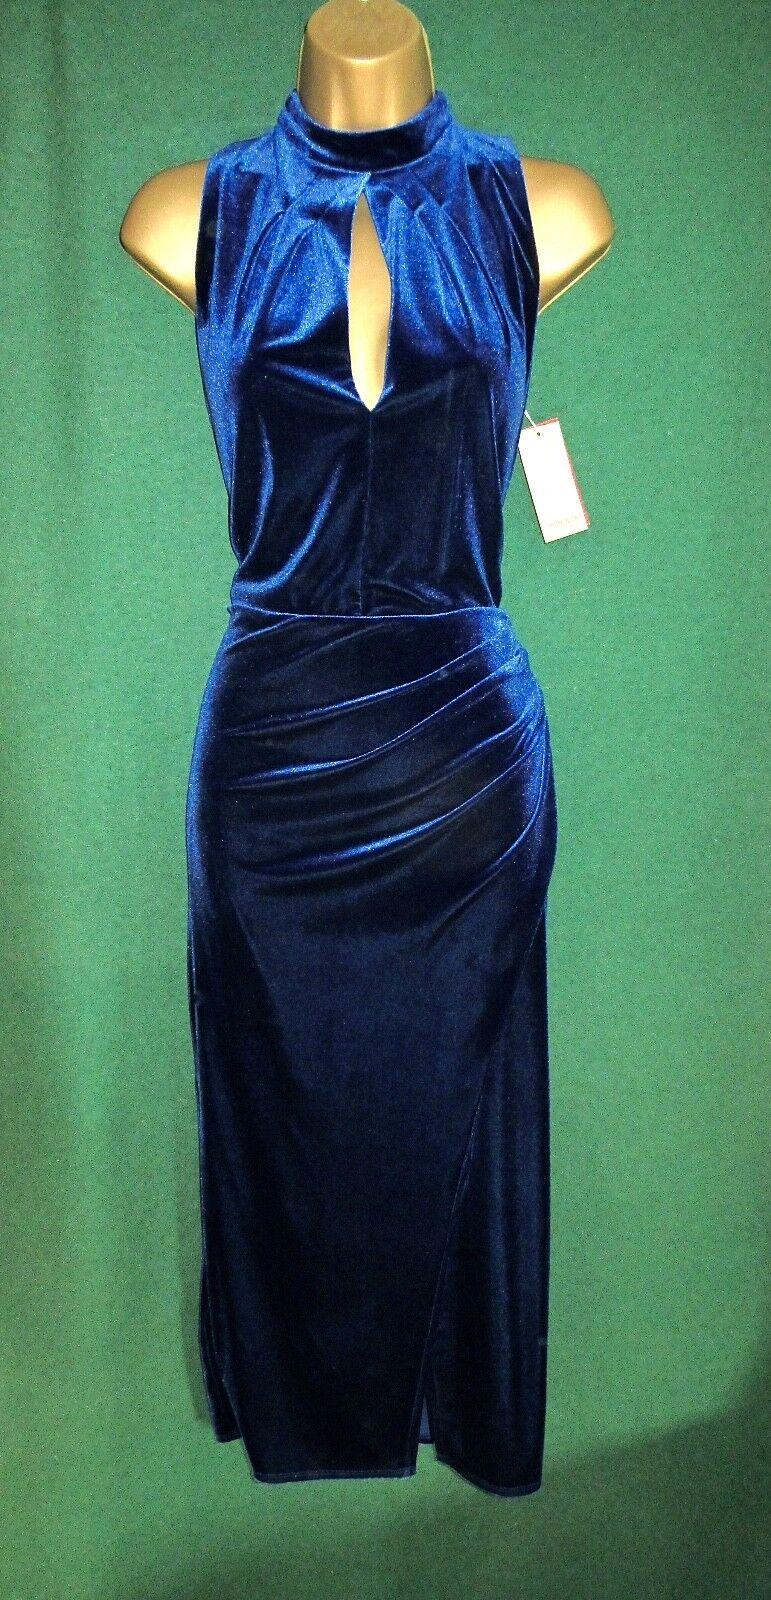 New MONSOON Blau ROXIE Stretch Velvety Vamp Midi Cocktail Party Shift Dress 8-18